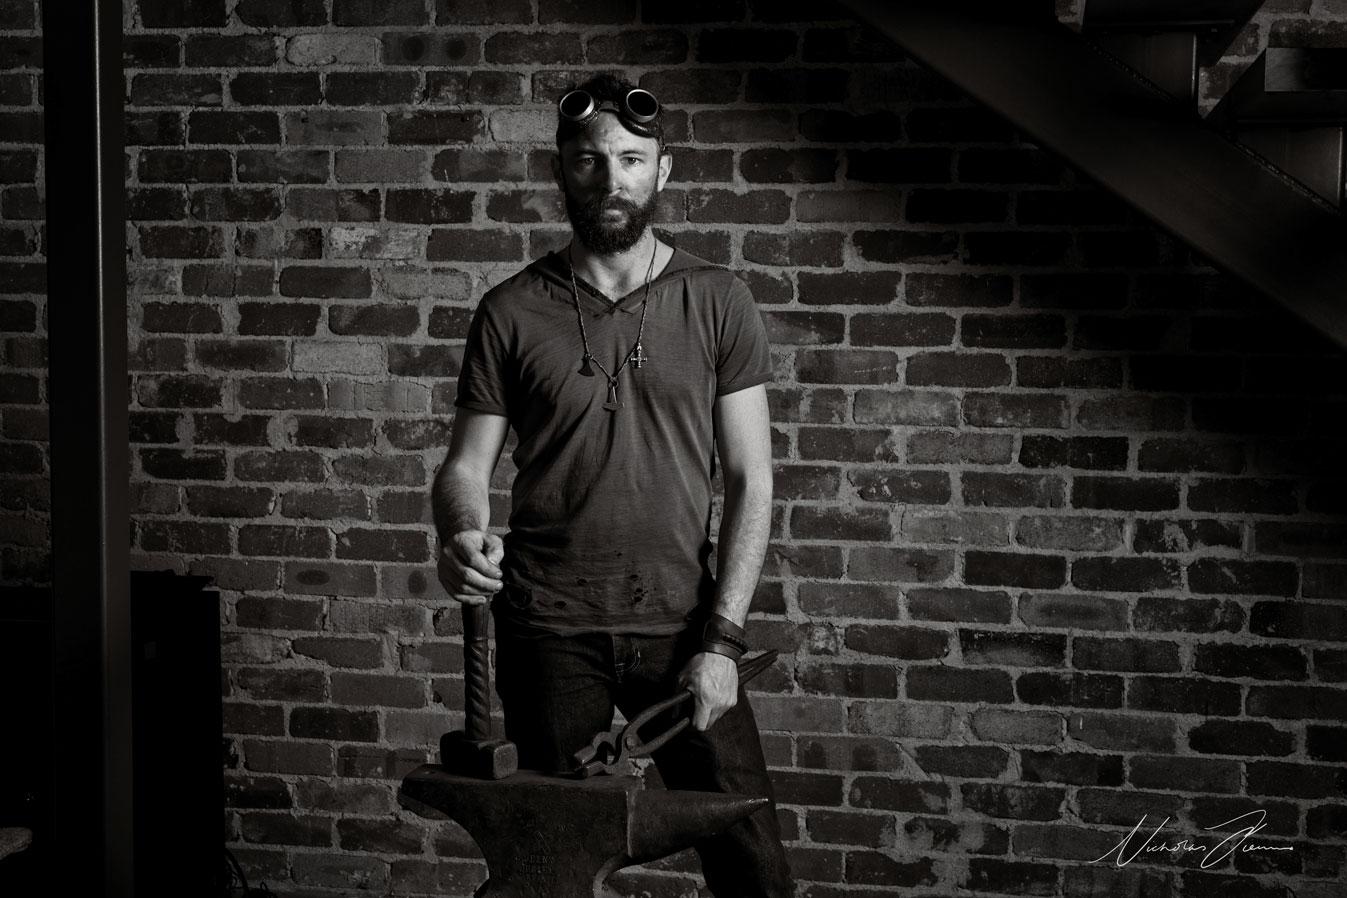 Levi Pendlebury with blacksmithing equipment